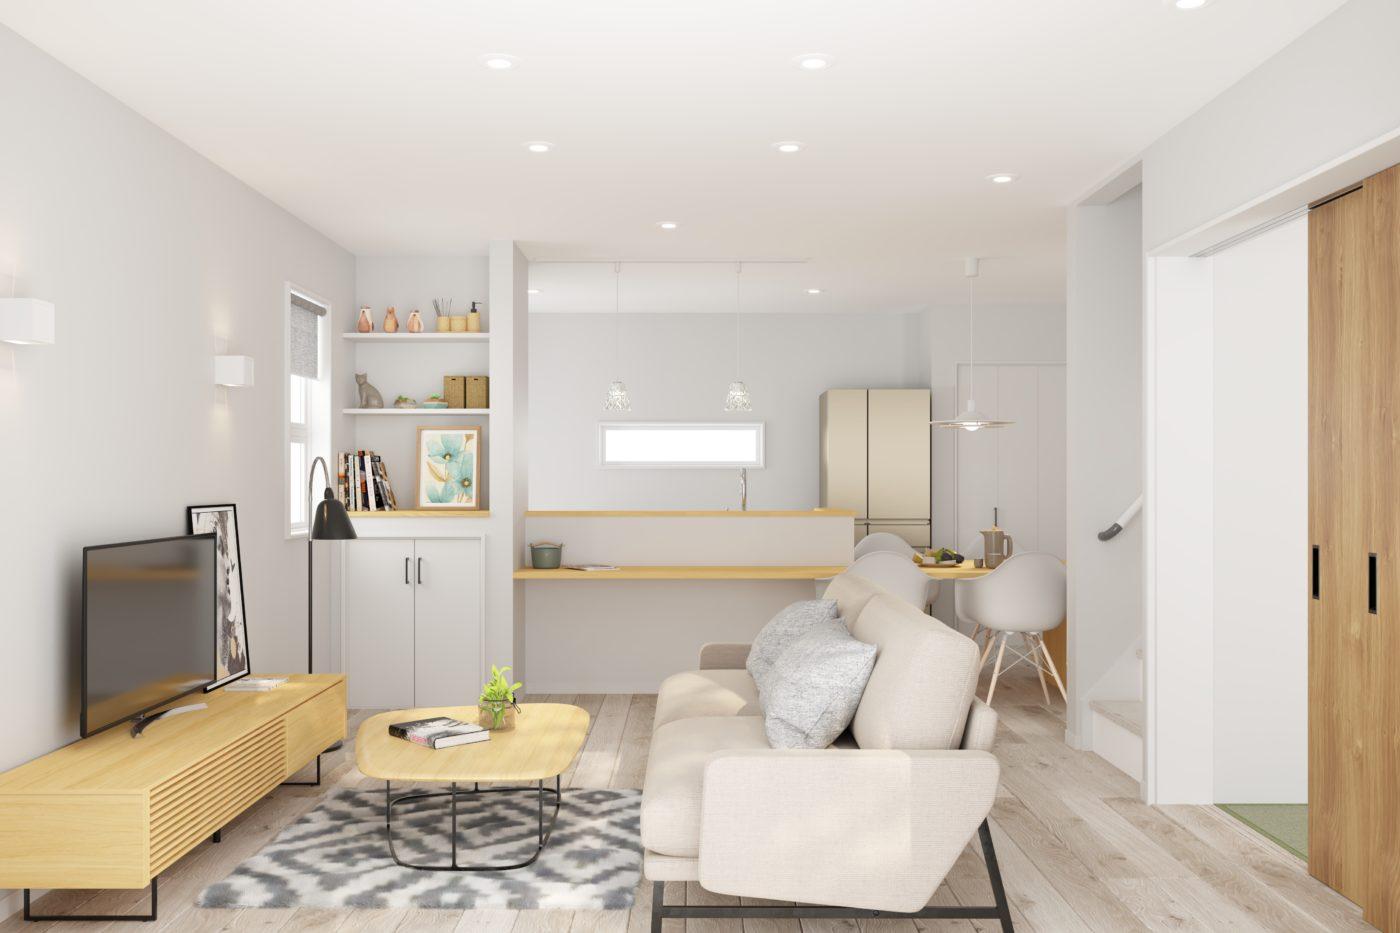 袖ヶ浦市福王台「家族が自然と集まる心地よい空間」の家完成見学会